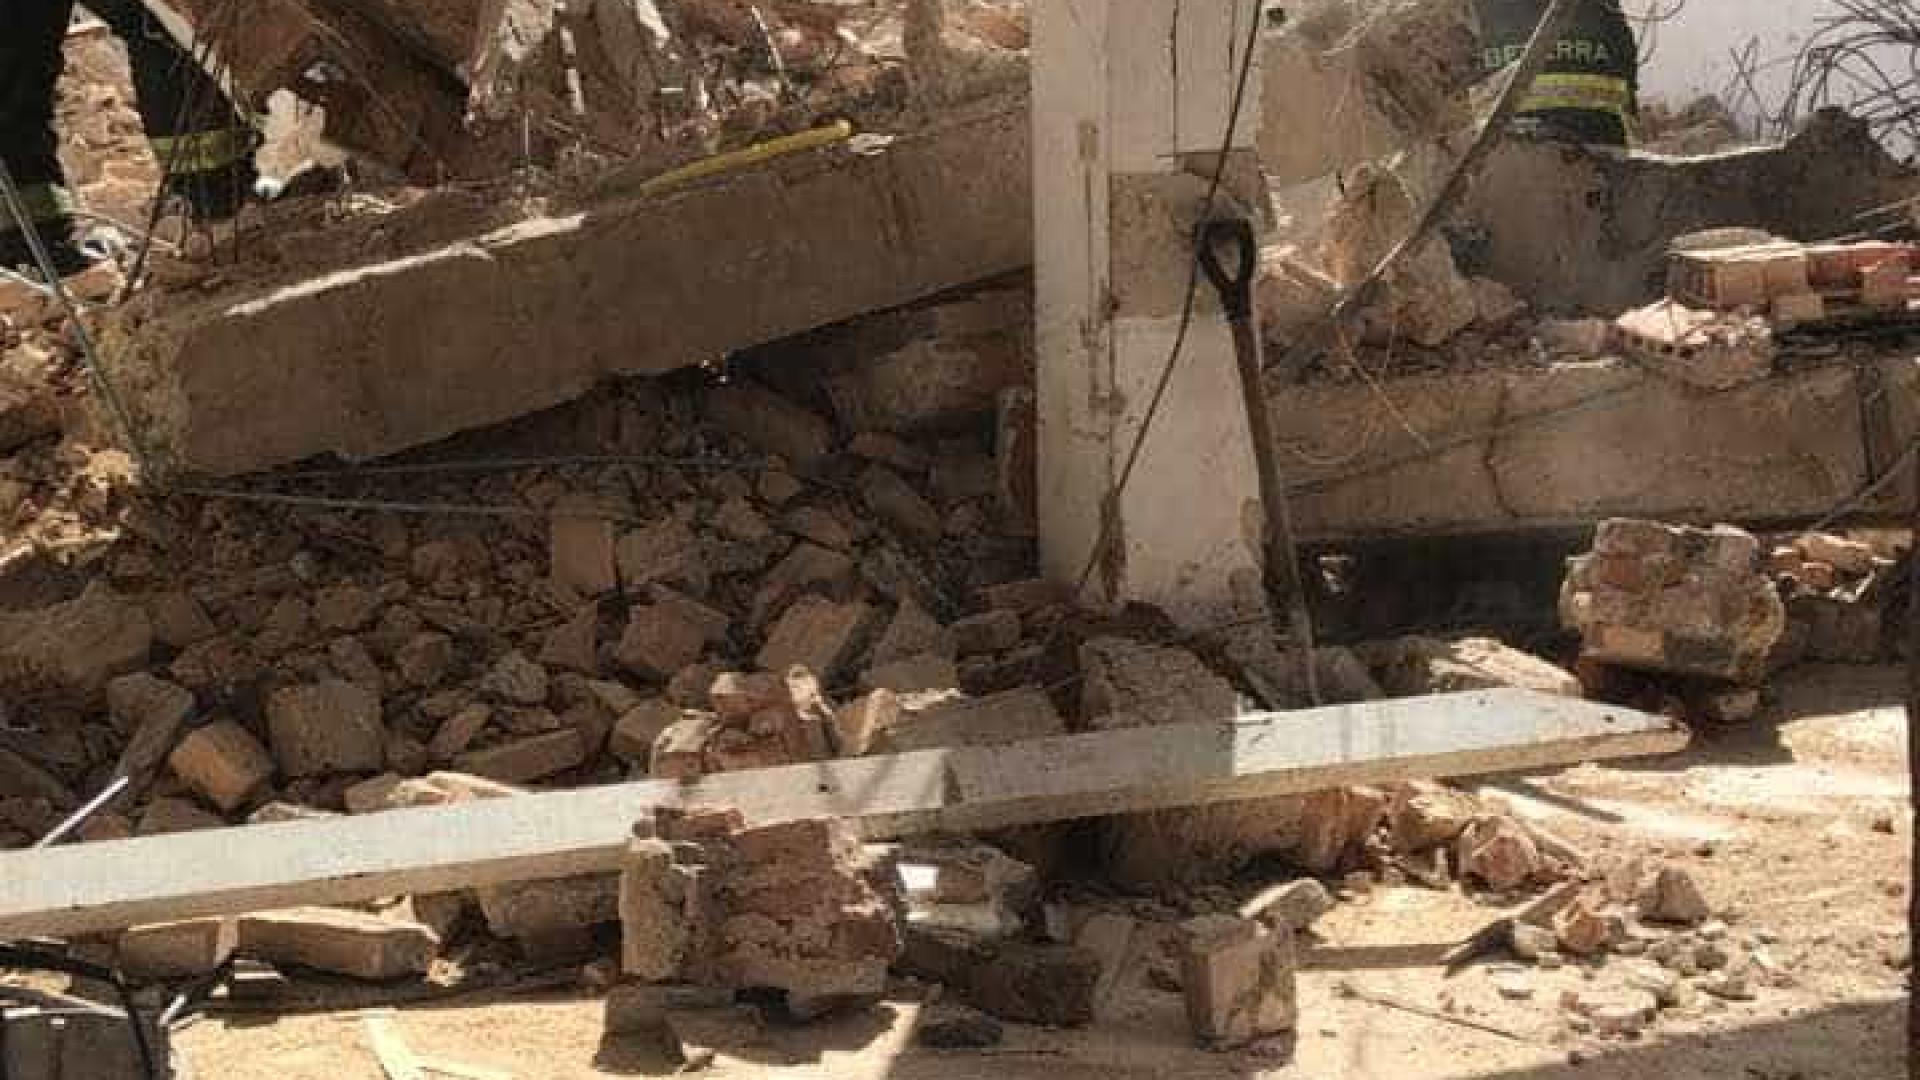 Parte de imóvel em obras desaba em SP; há uma vítima nos escombros